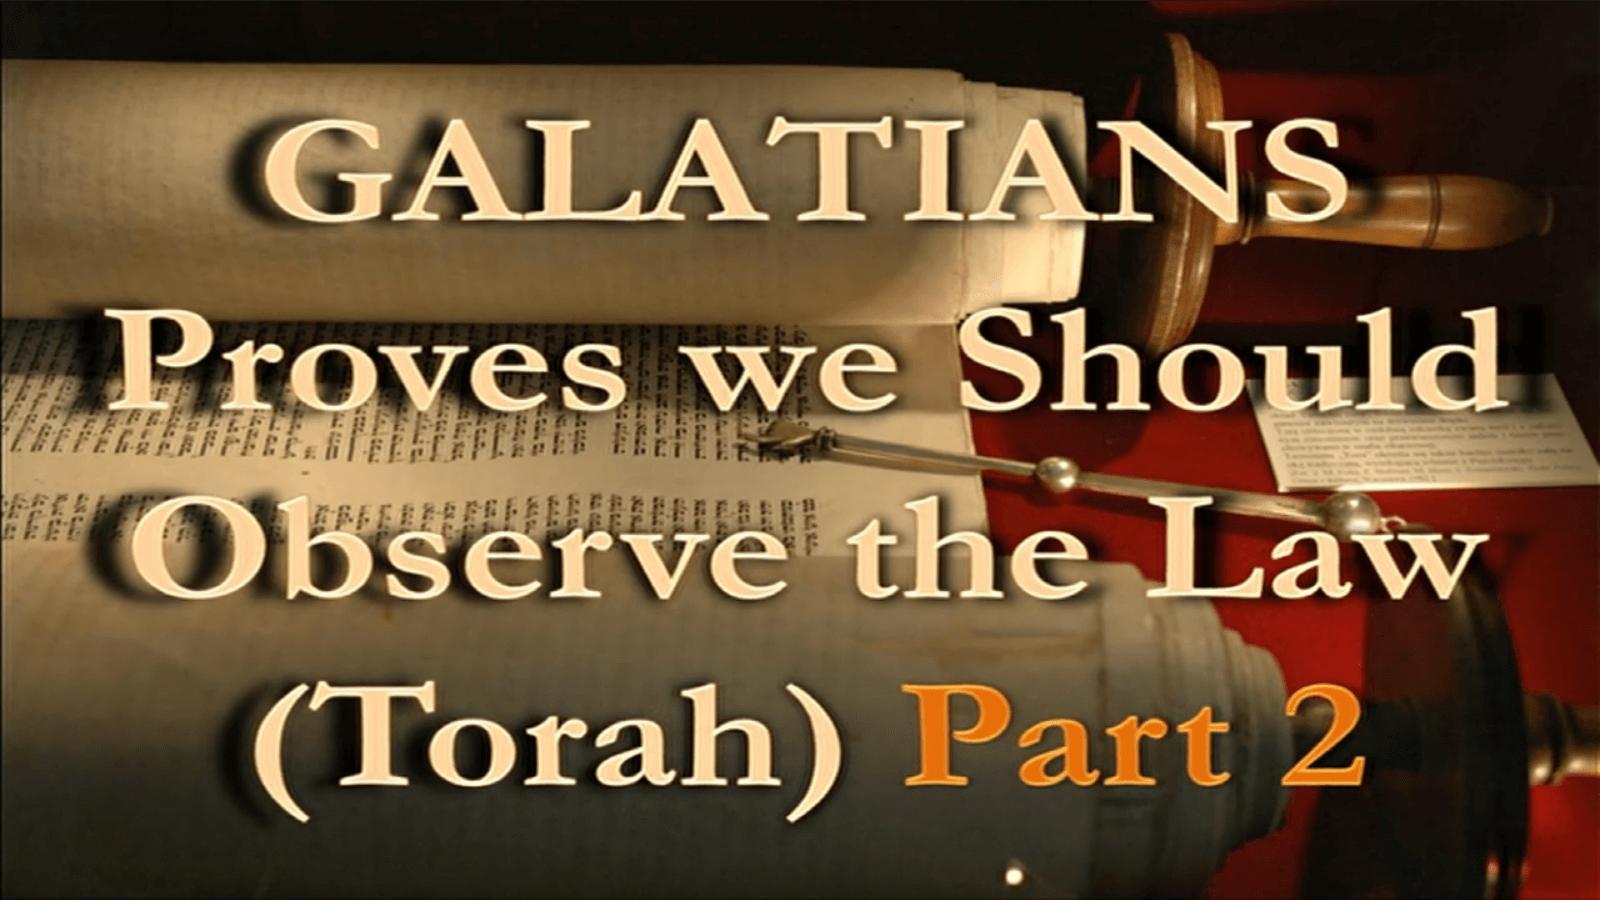 Galatians Proves that we Should Observe The Law (Torah) – Part 2